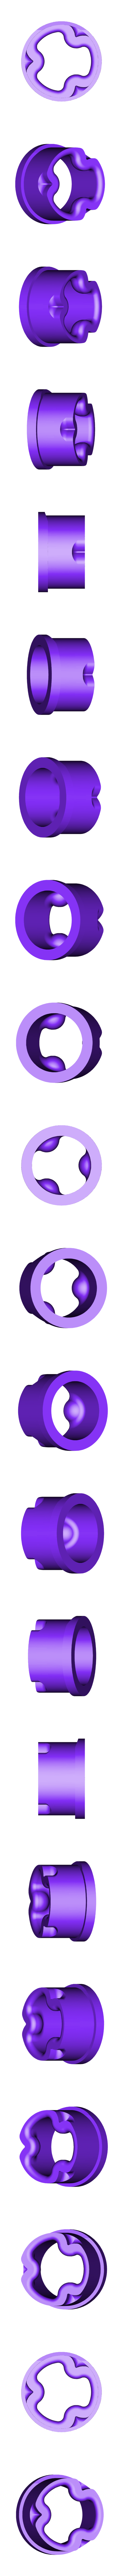 coil_ring.stl Télécharger fichier STL gratuit EPIC 6 stage coilgun • Objet pour impression 3D, Gyro